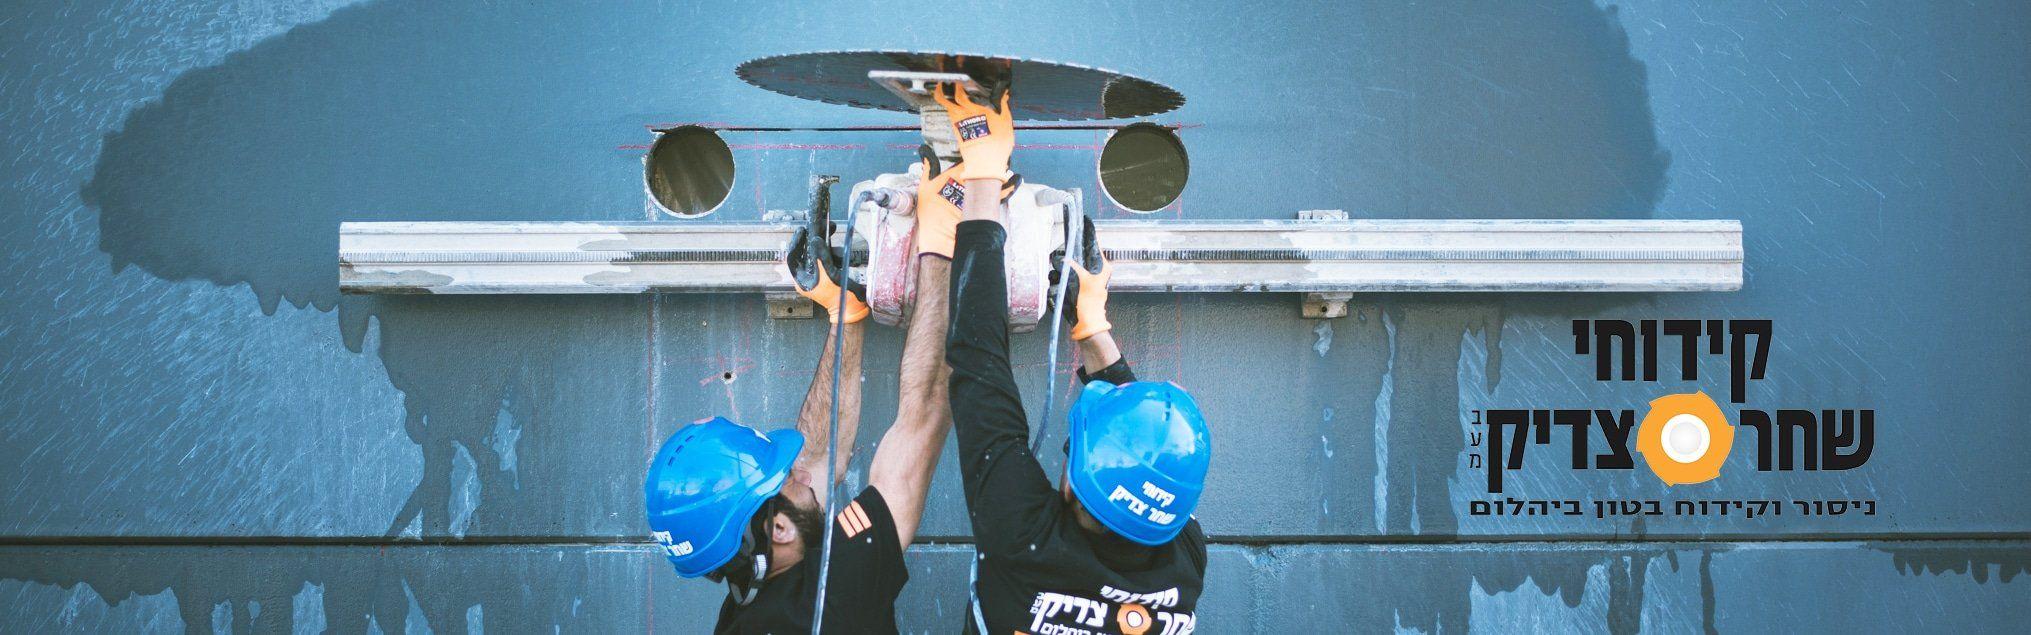 שני עובי שחר צדיק מבצעים ניסור קיר בטון